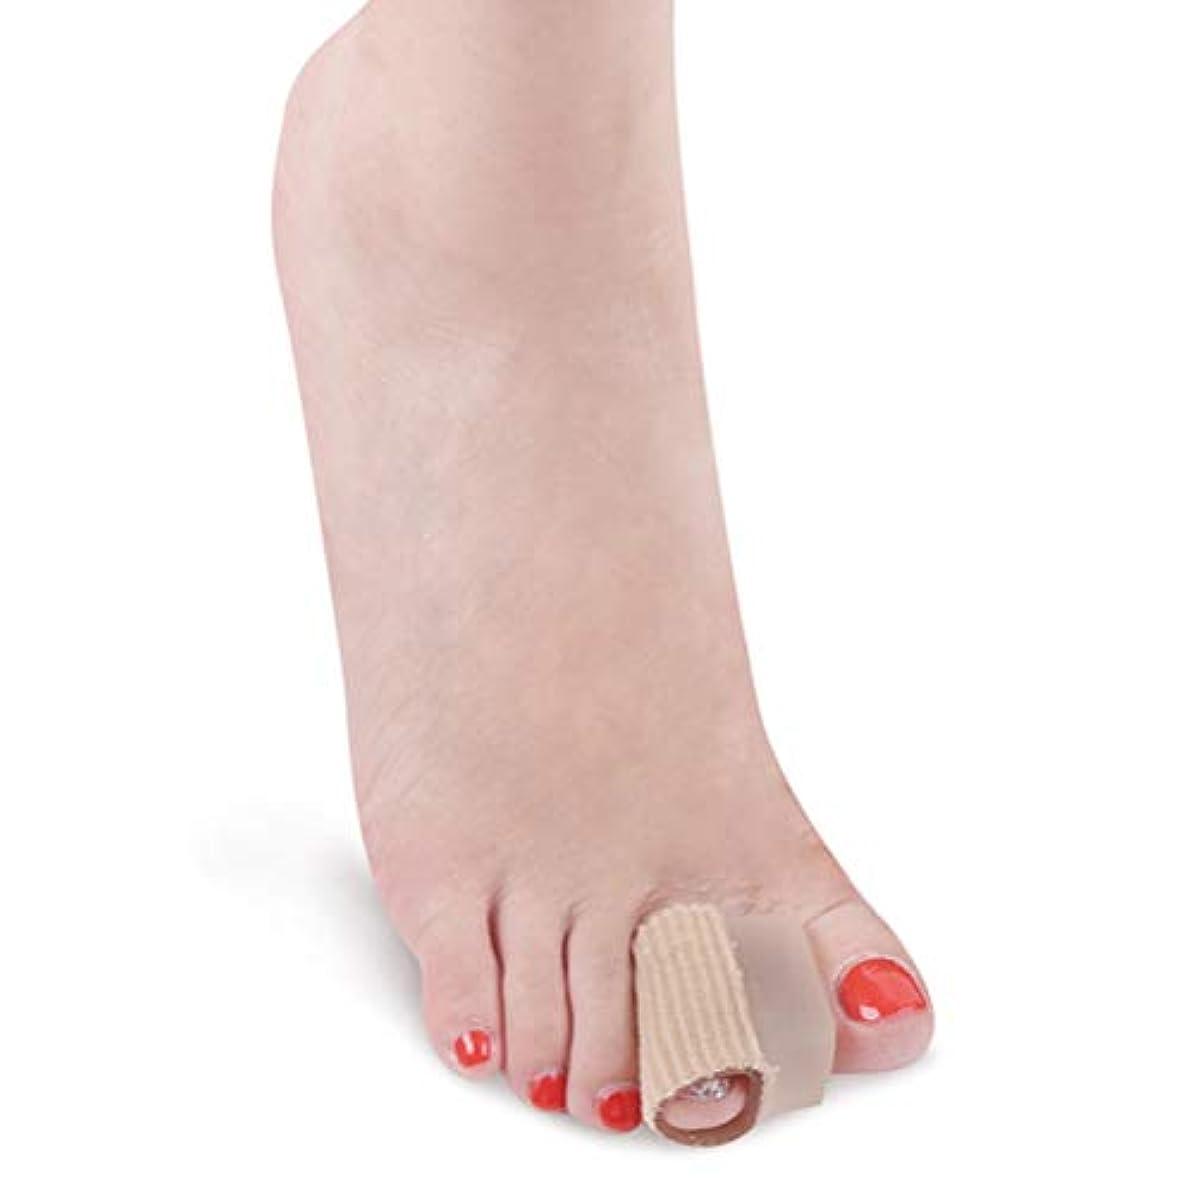 できればバン紀元前SUPVOX 足指サポーター 指間広げる 足指矯正パッド つま先の保護 バニオン防止 健康グッズ 足指の分離 A型 痛みを和らげる トゥスペーサー カーキ 2 個入